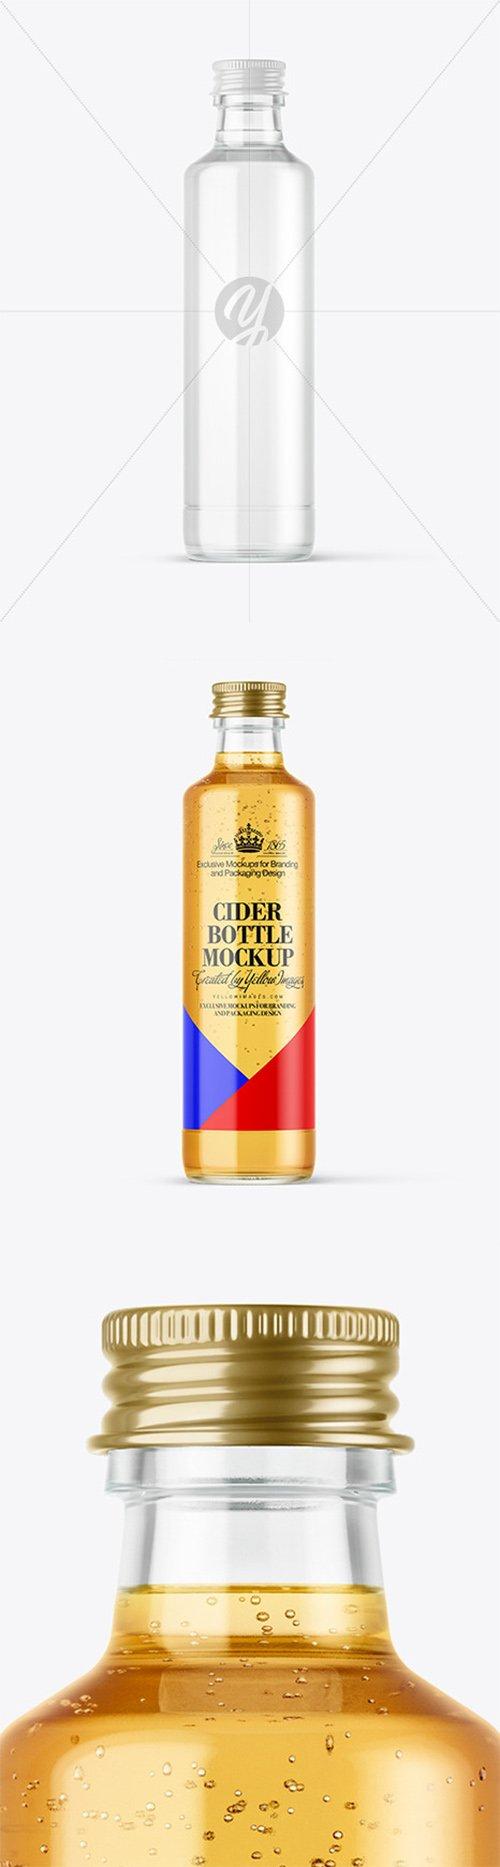 Cider Bottle Mockup 64711